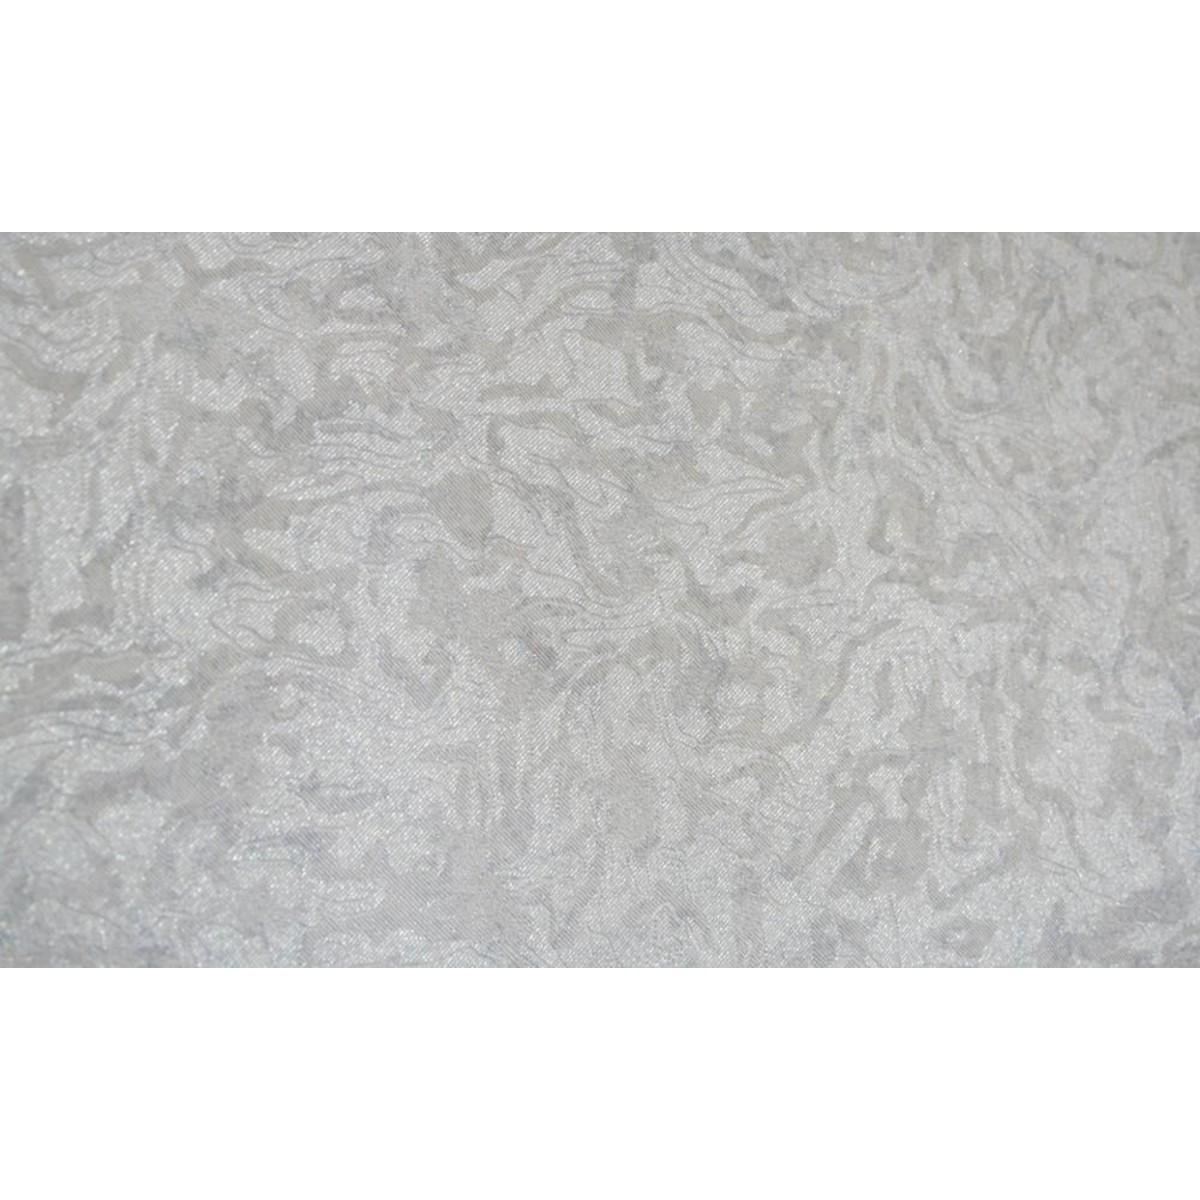 Обои виниловые Elysium Сияние серые 0.53 м 50024